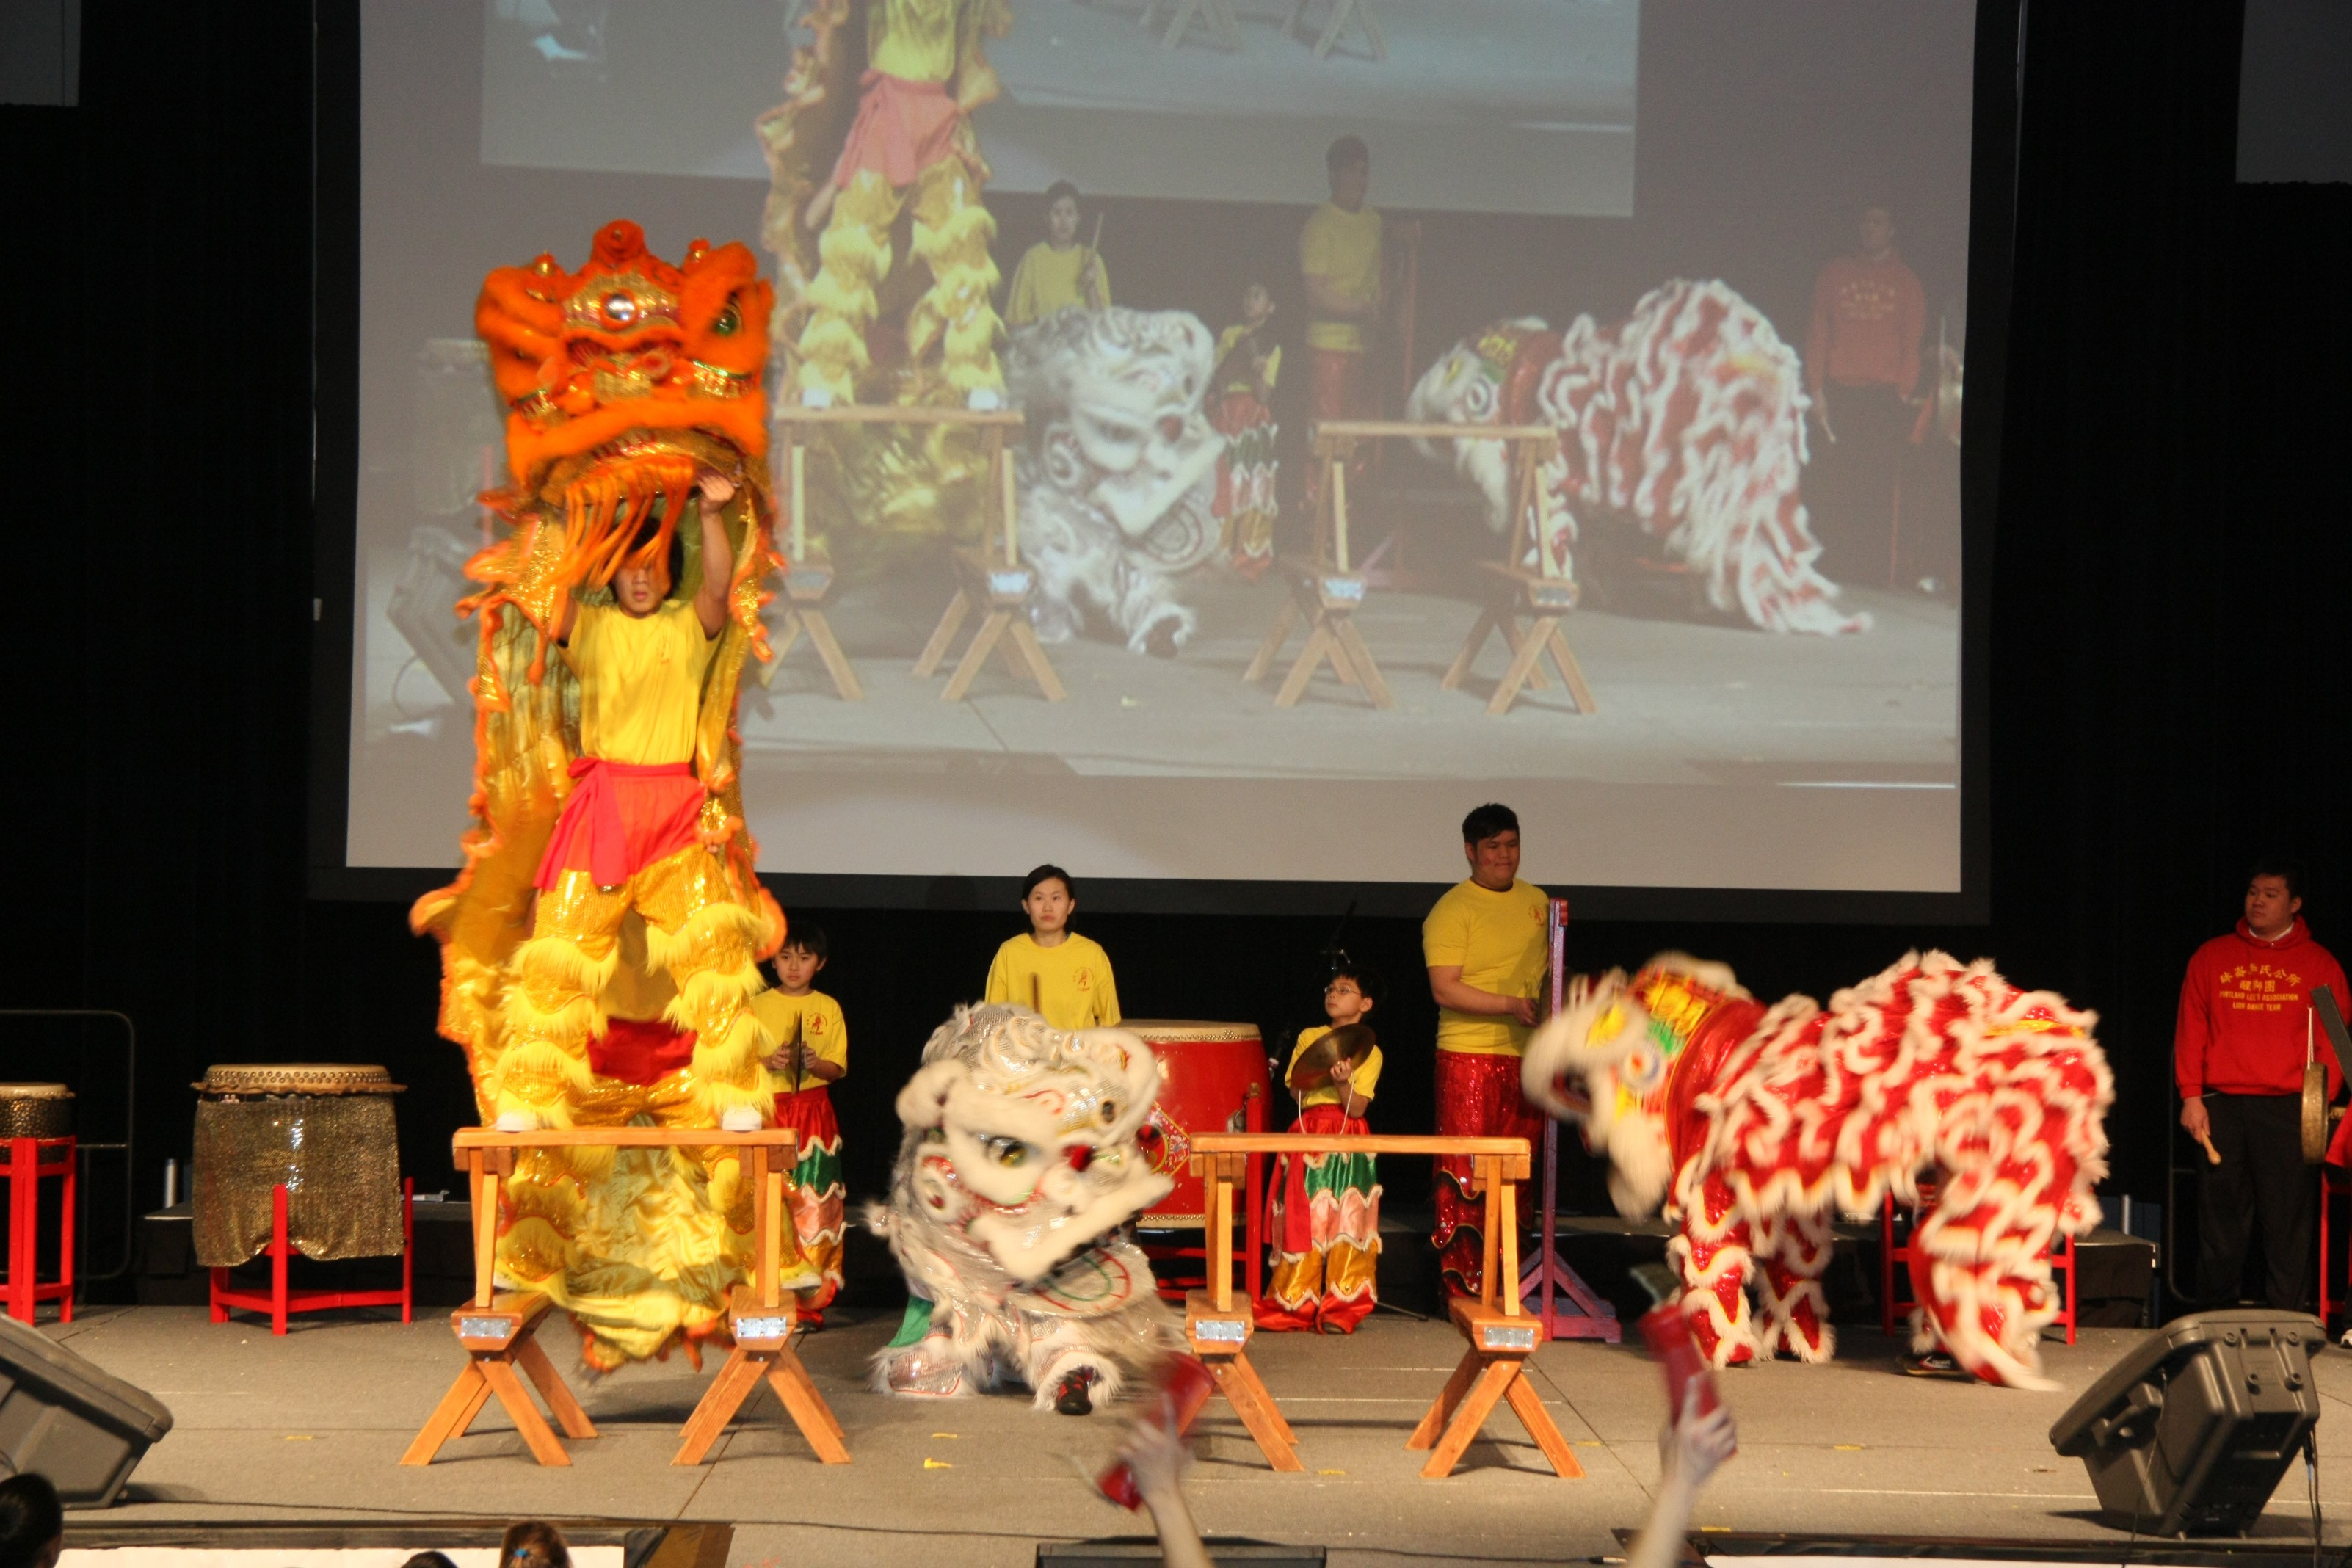 Lunar New Year celebrations in Portland - Travel Portland